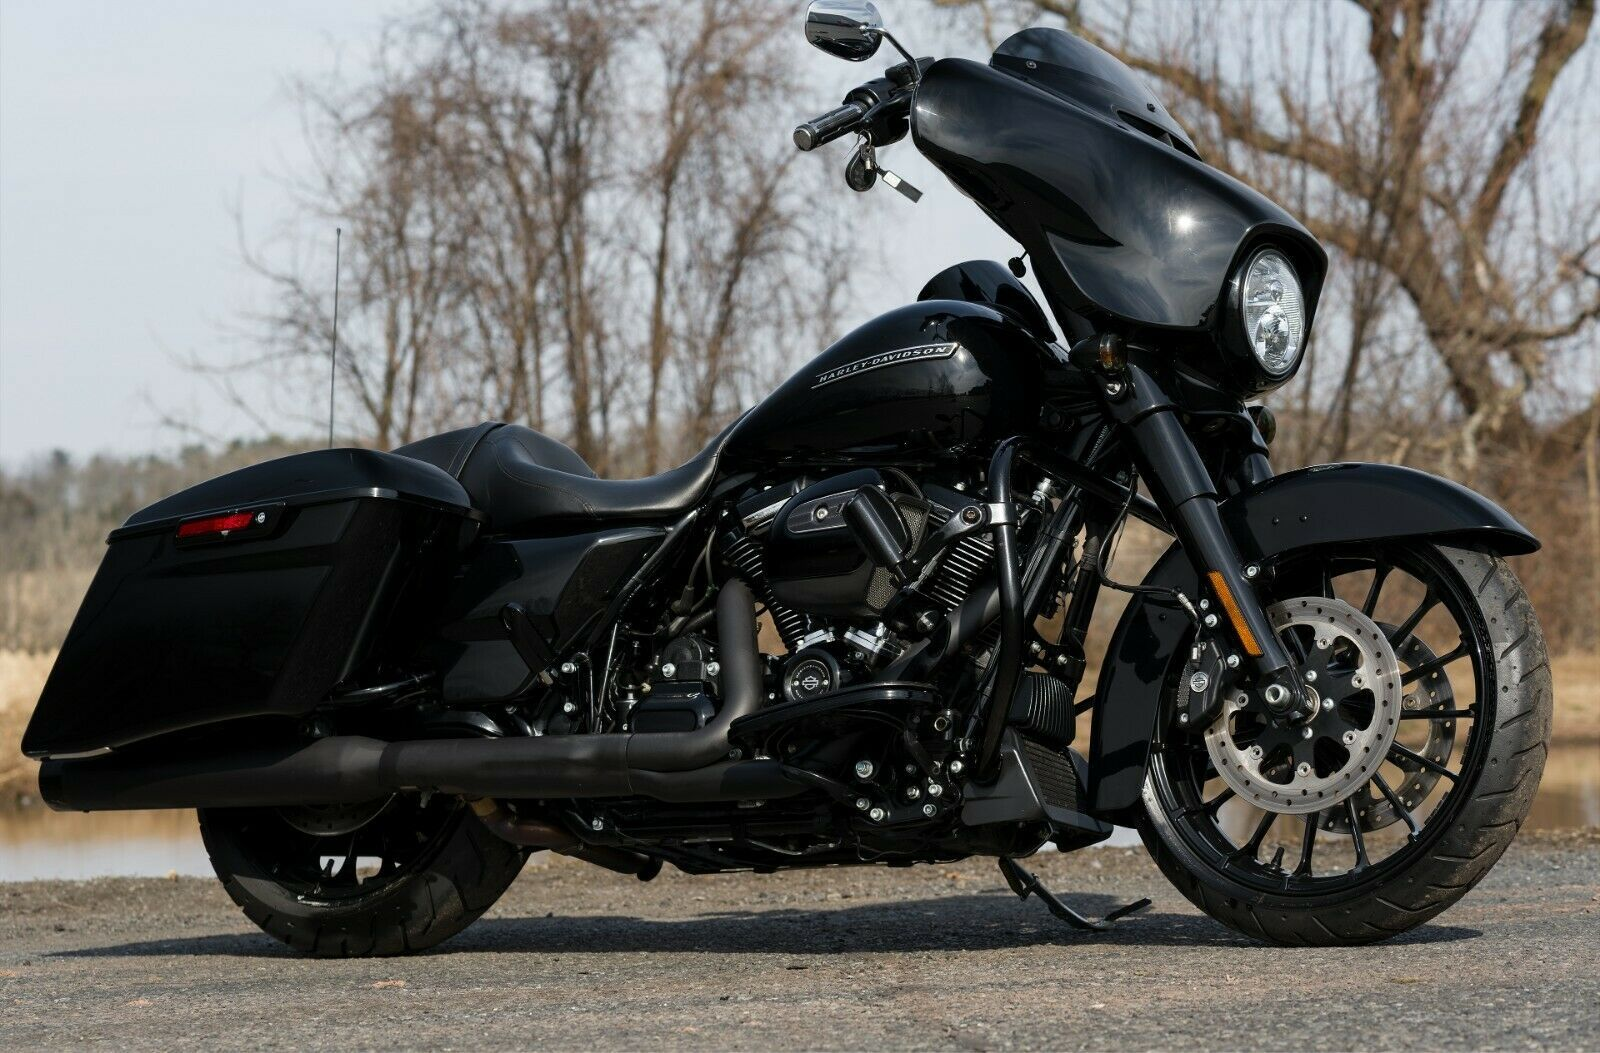 2018 Harley Davidson Touring 2018 Harley Davidson Street Glide Special Flhxs Black Harley Davidson Street Glide Harley Davidson Street Harley Davidson Pictures